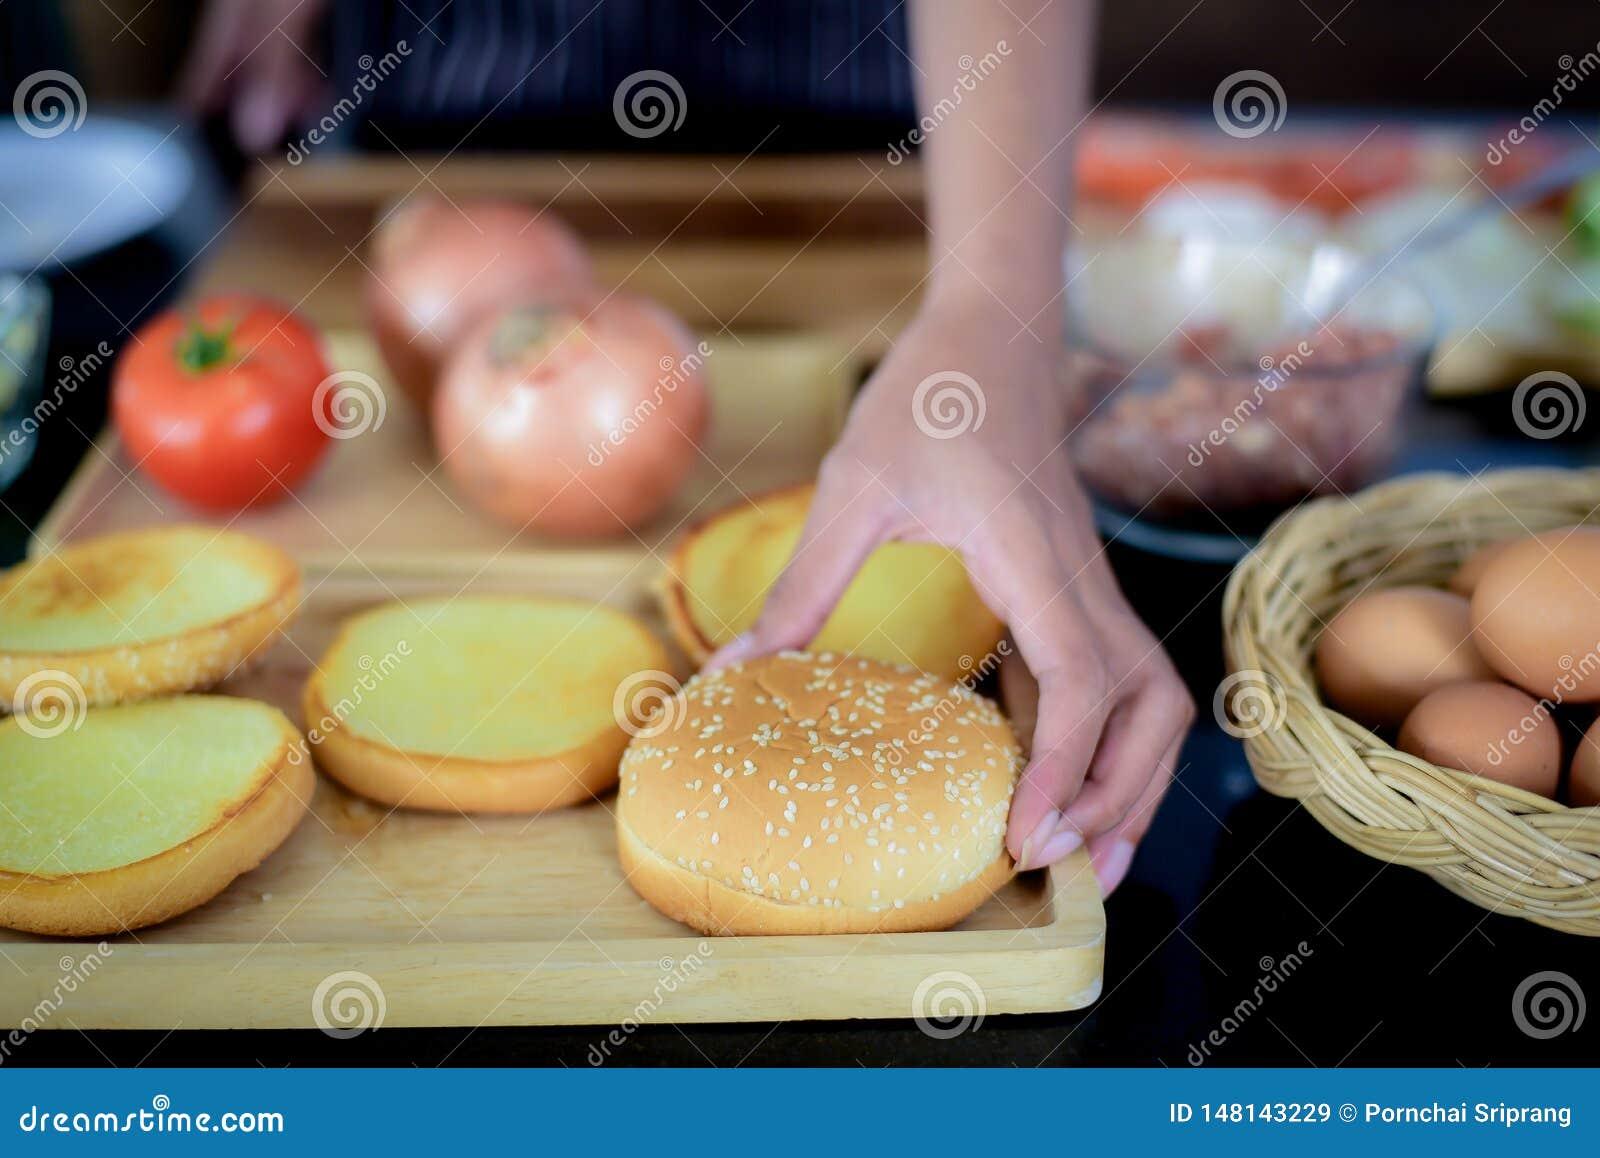 La main du cuisinier s?lectionne le pain avec les graines de s?same sur le dessus Pour ?tre fait cuire au four dans une casserole